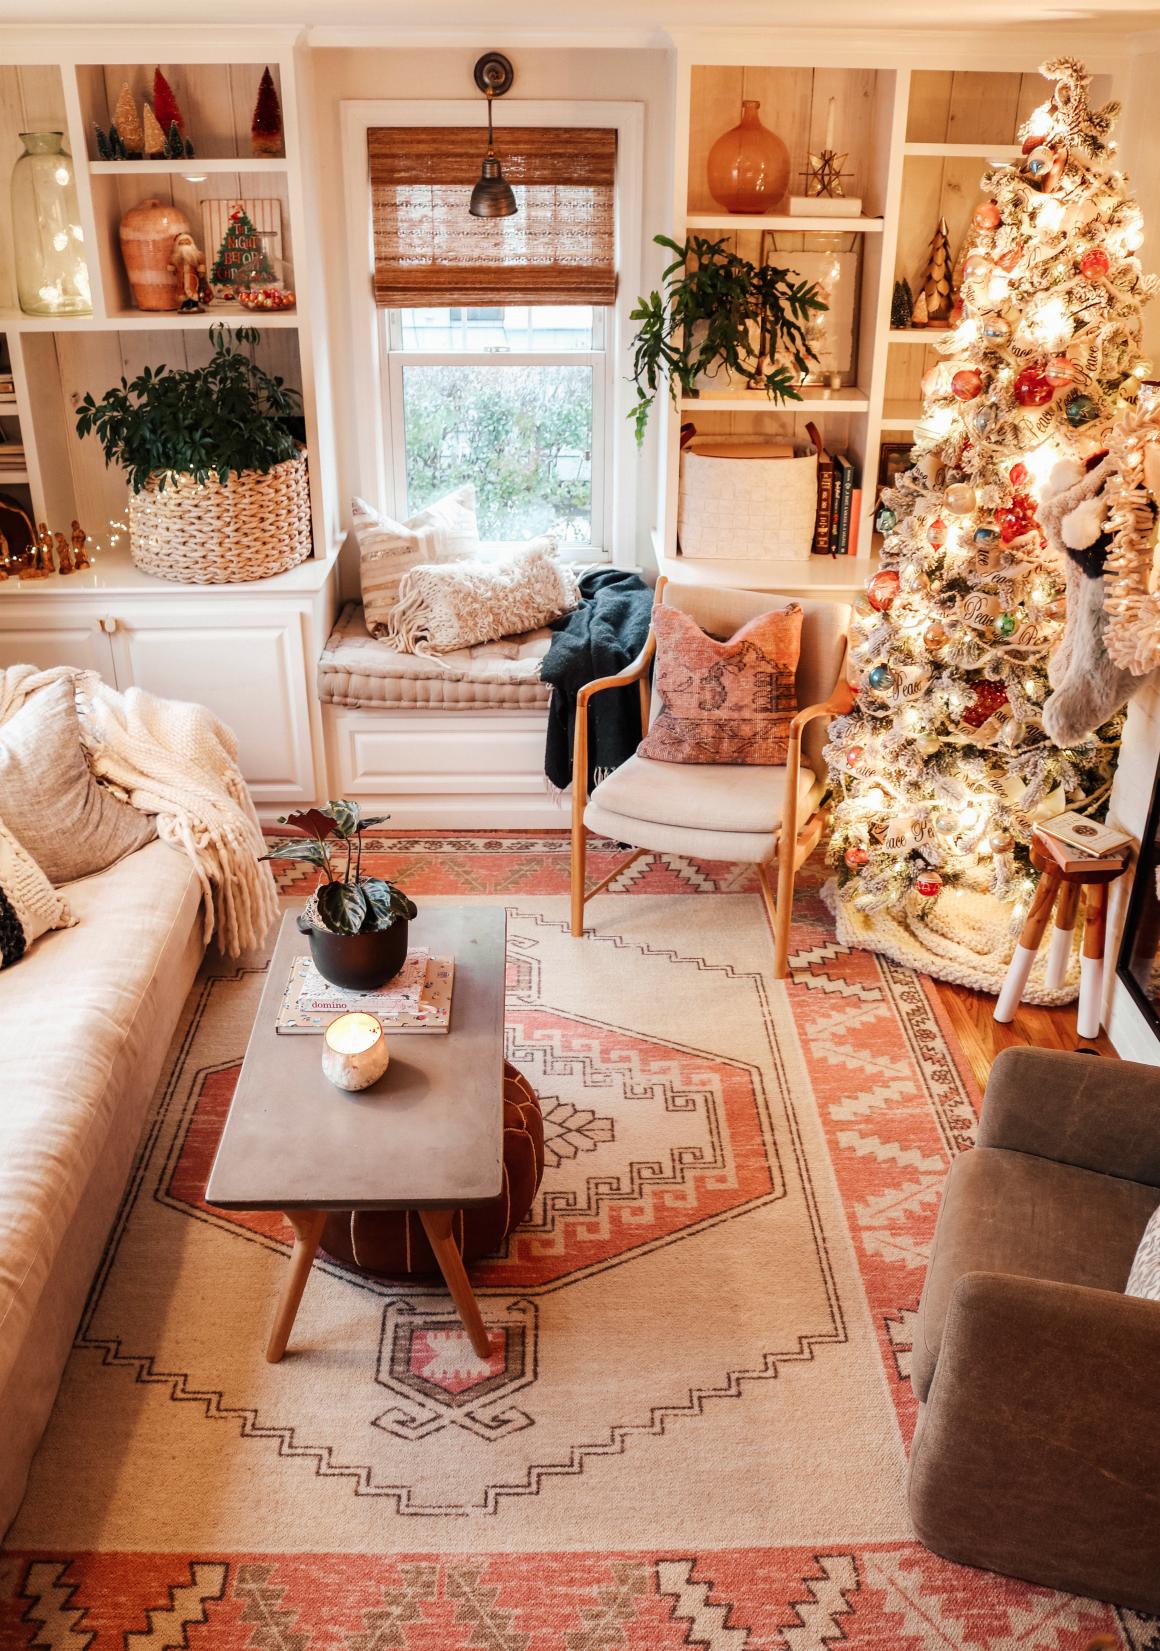 Home Decor Living Room Art Homedecorlivingroom Christmas Living Rooms Vintage Living Room Christmas Decorations Living Room